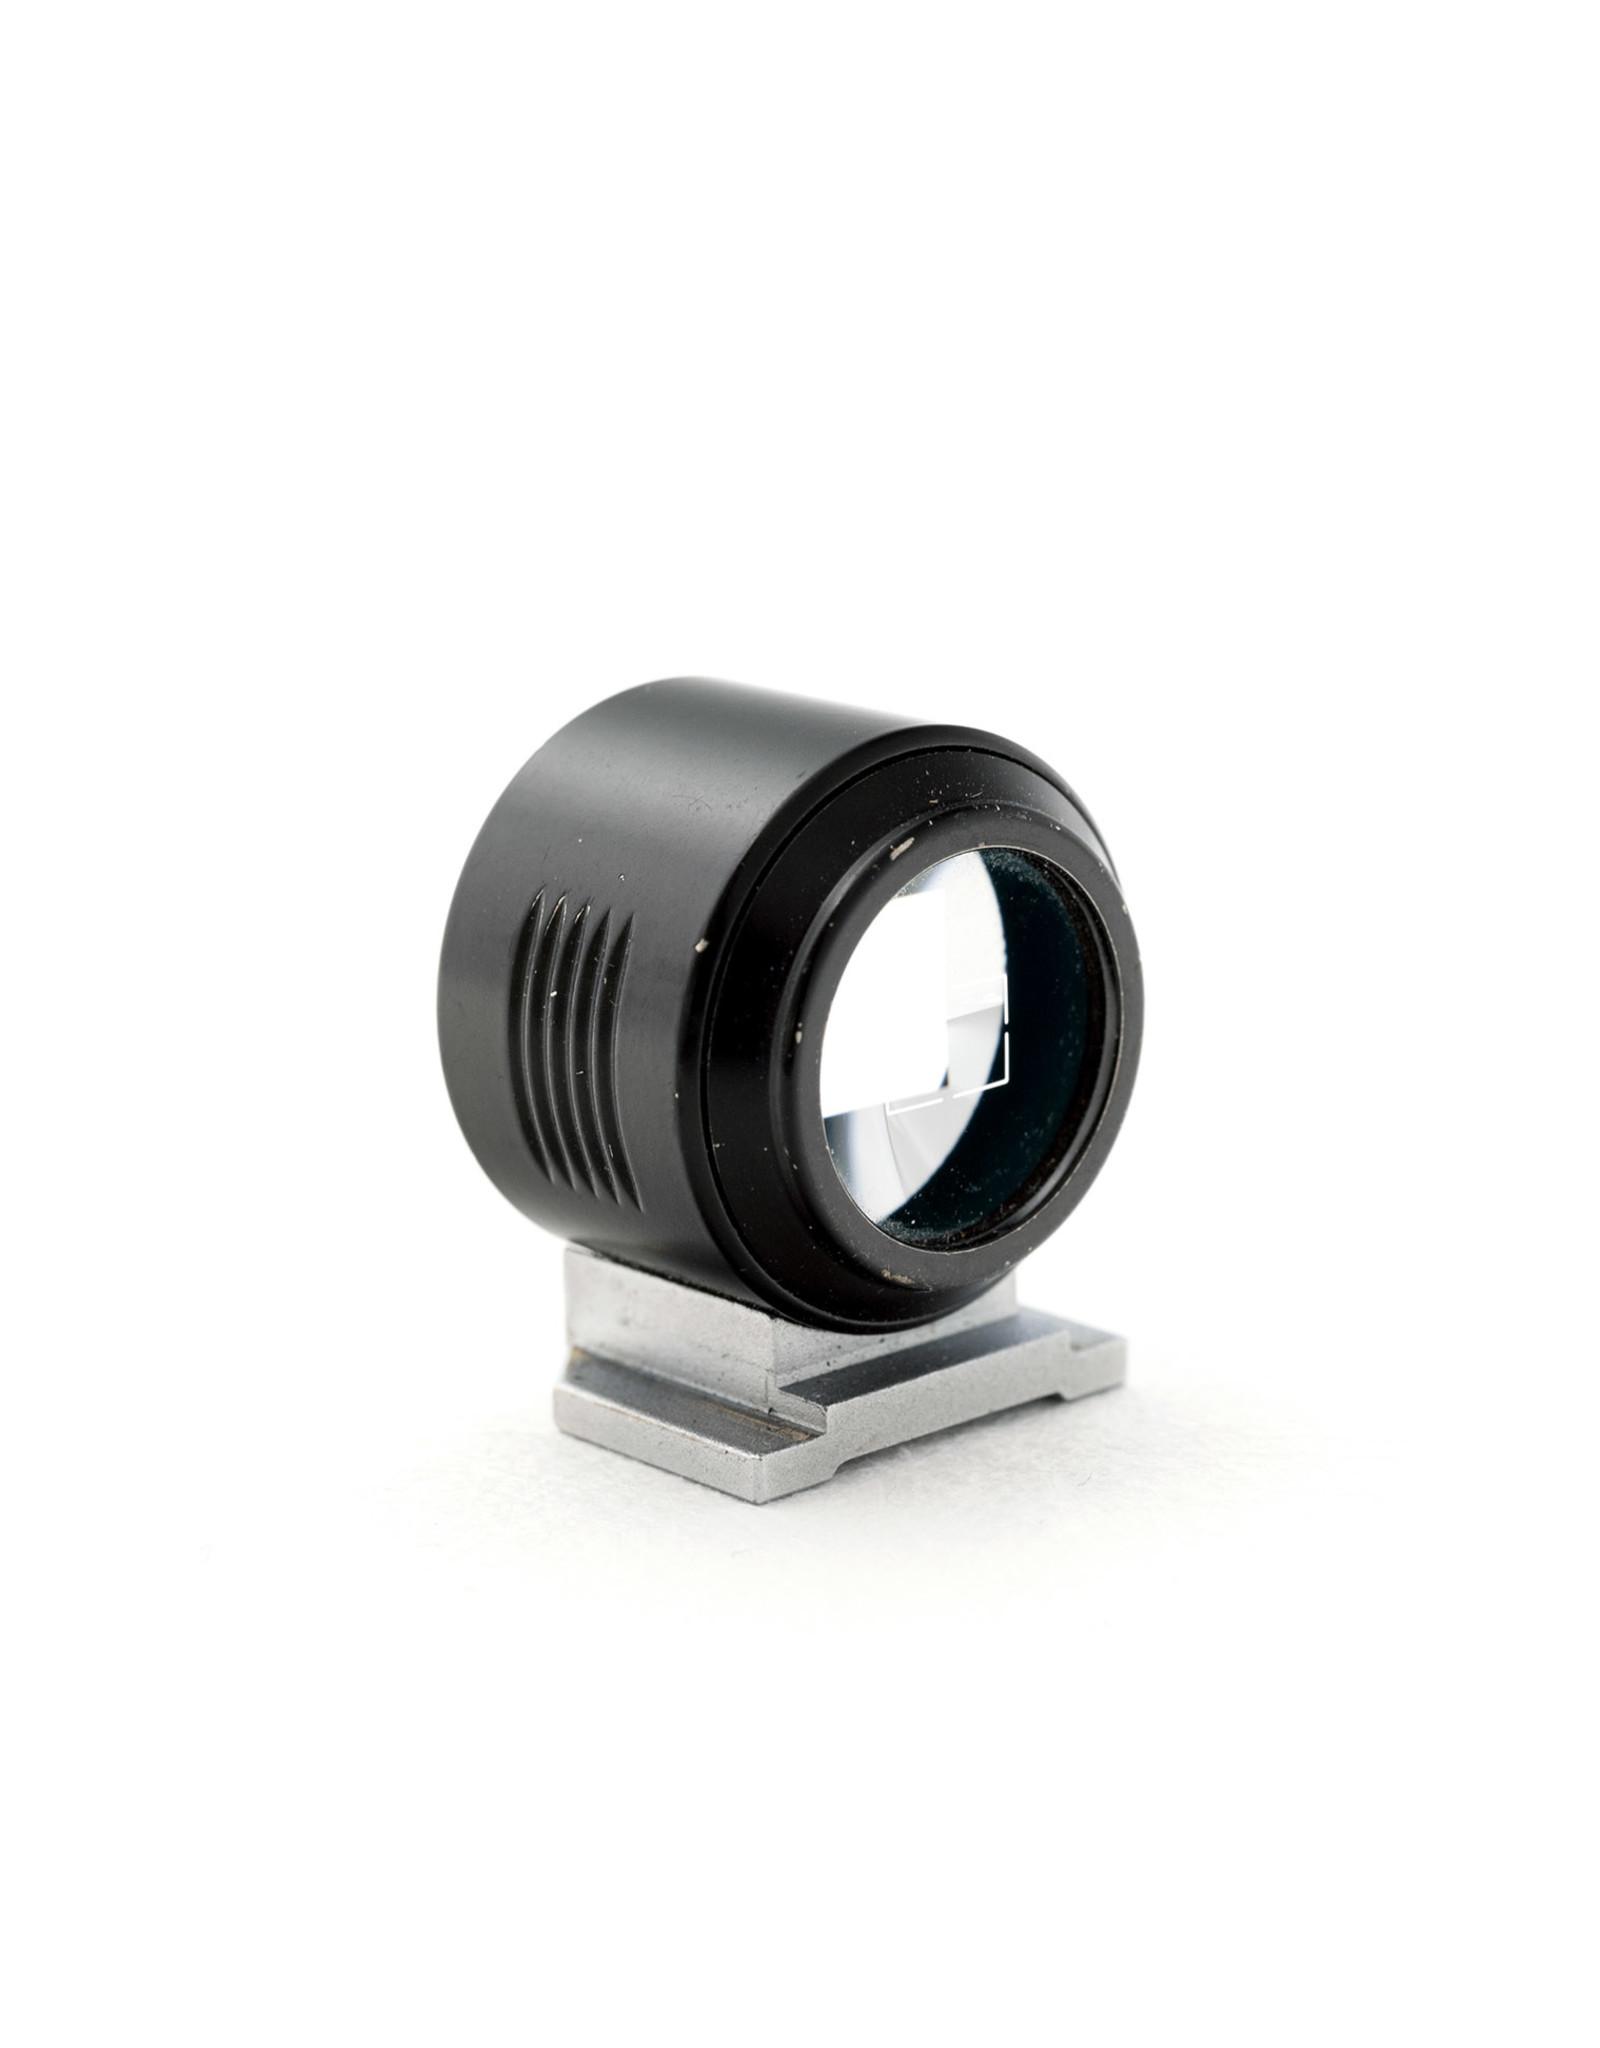 Voigtlander Voigtlander 50mm Metal Bright Line Viewfinder  Black   AP1041905